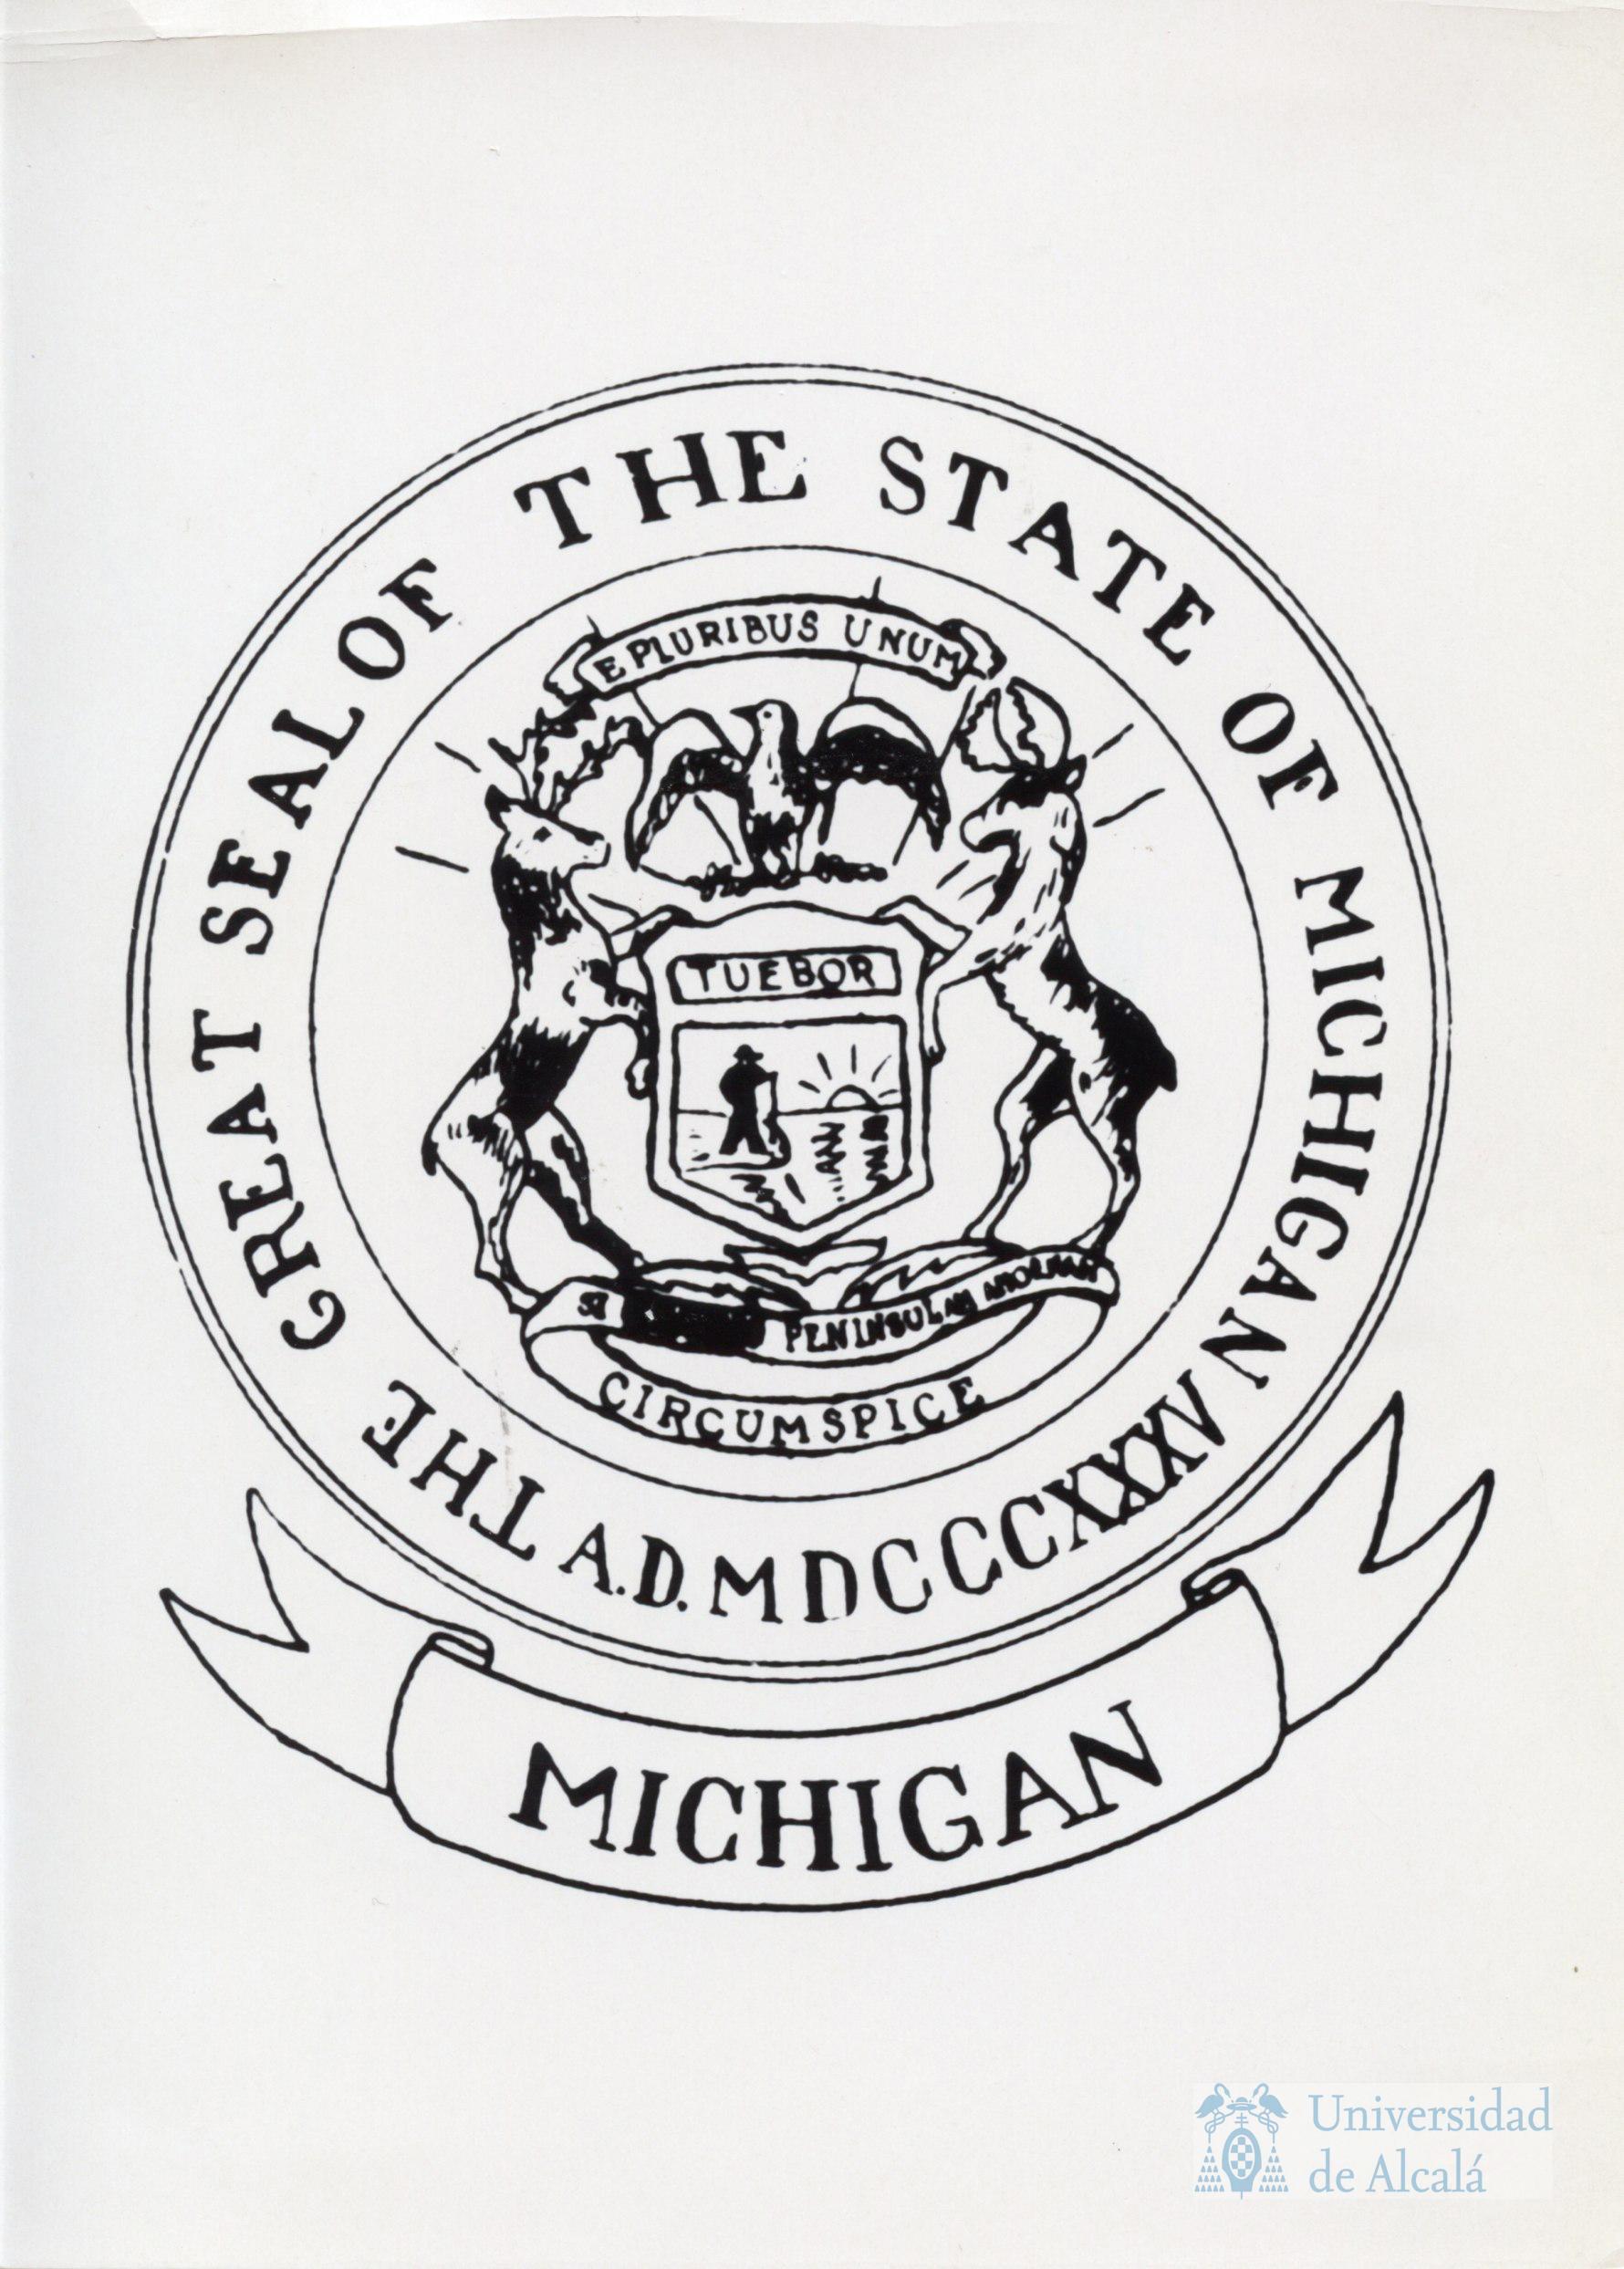 Escudo del estado de Michigan